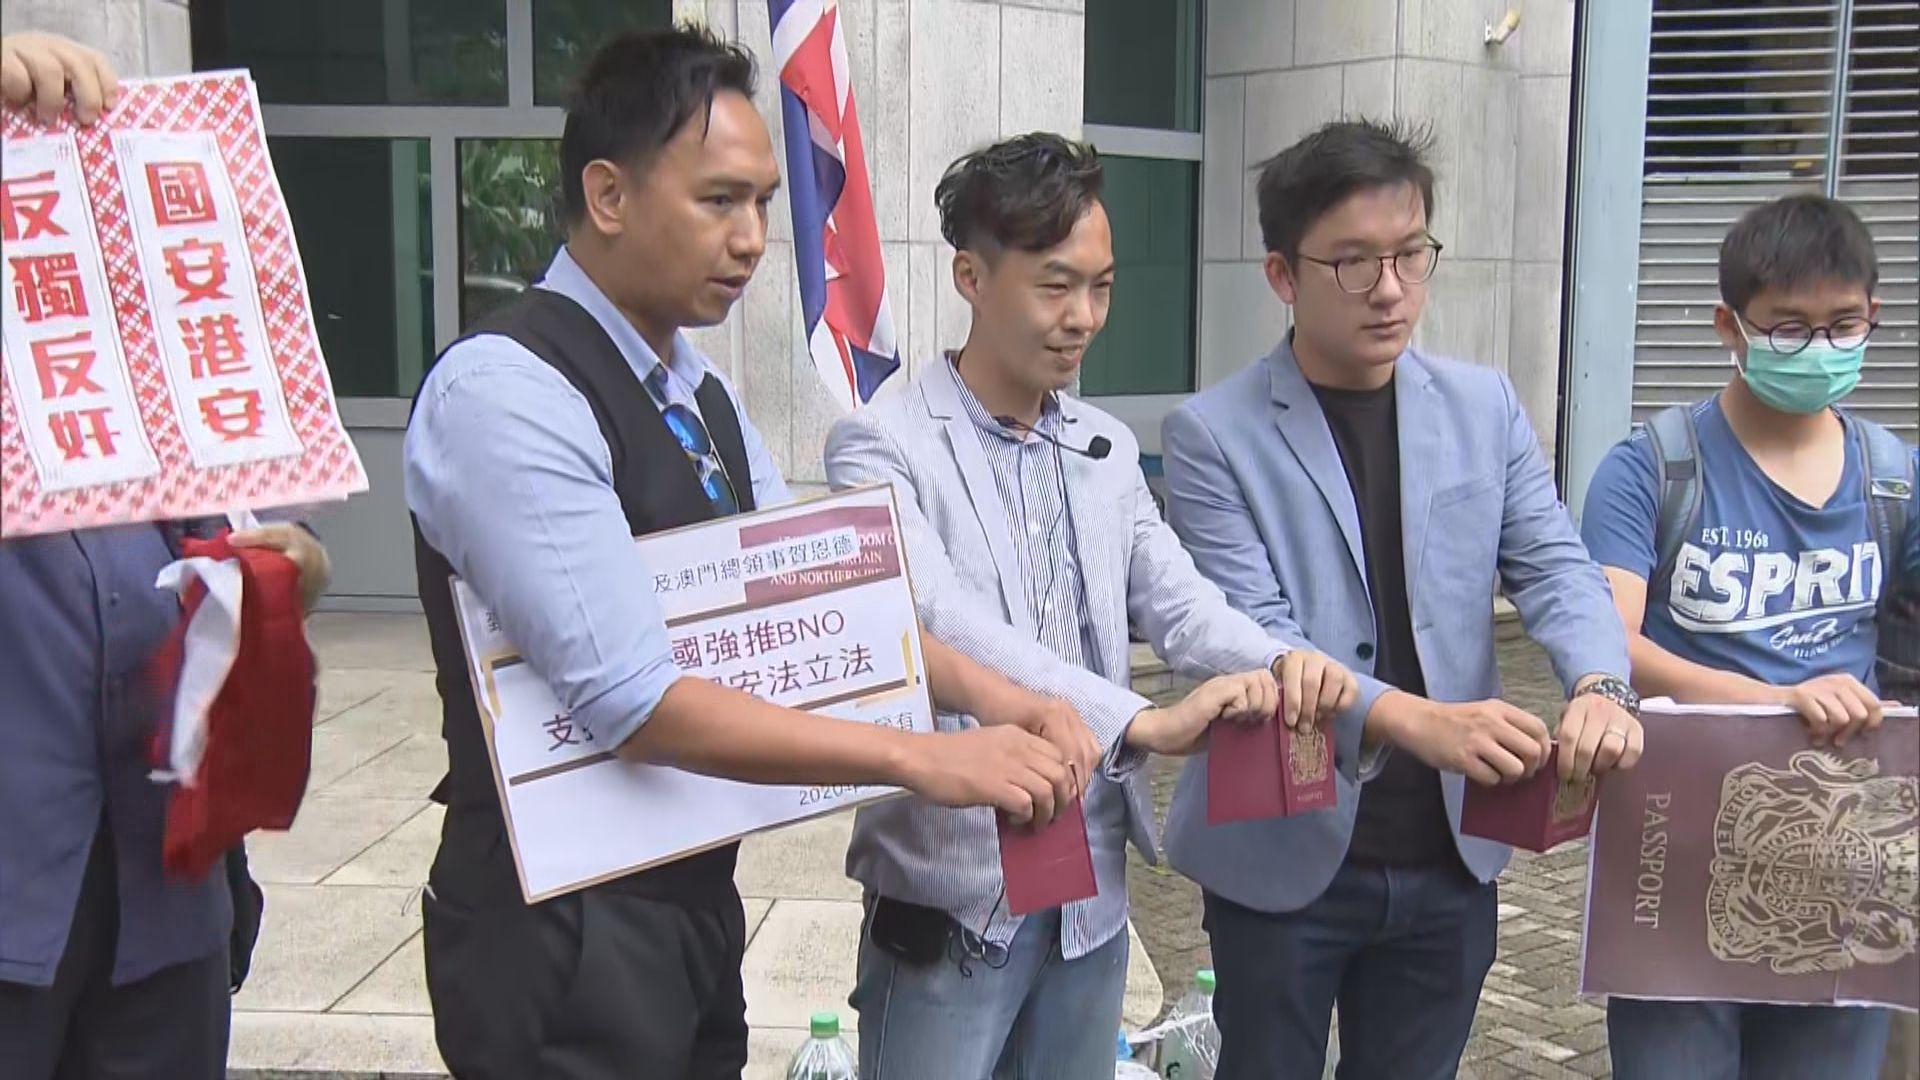 市民英領事館門前撕BNO 抗議干預香港事務